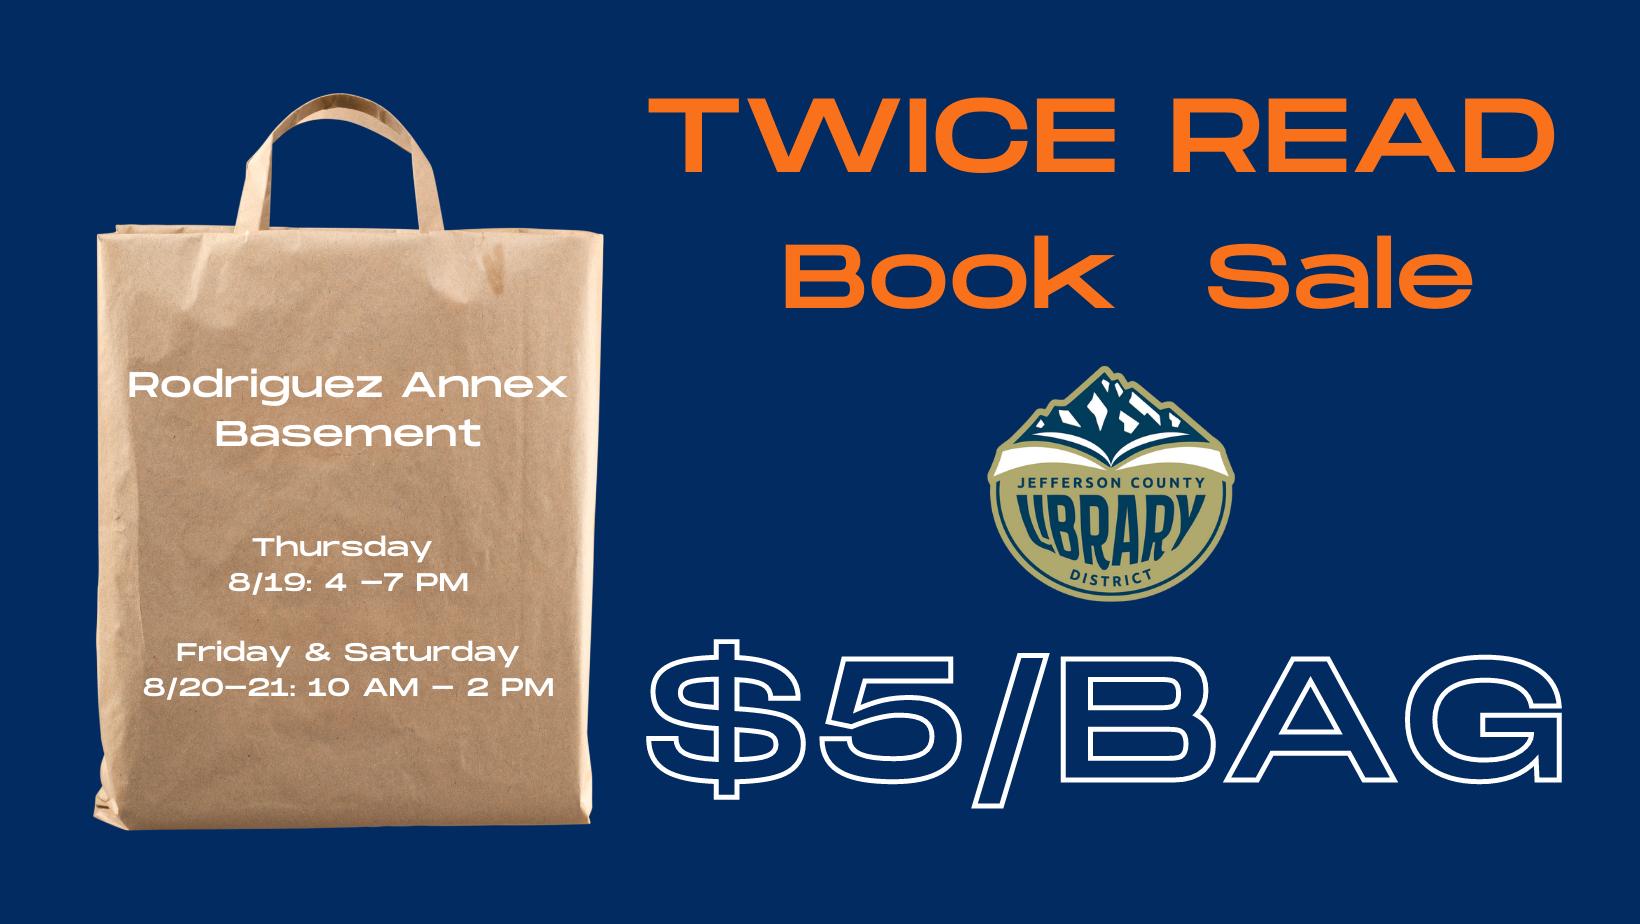 May contain: bag and shopping bag